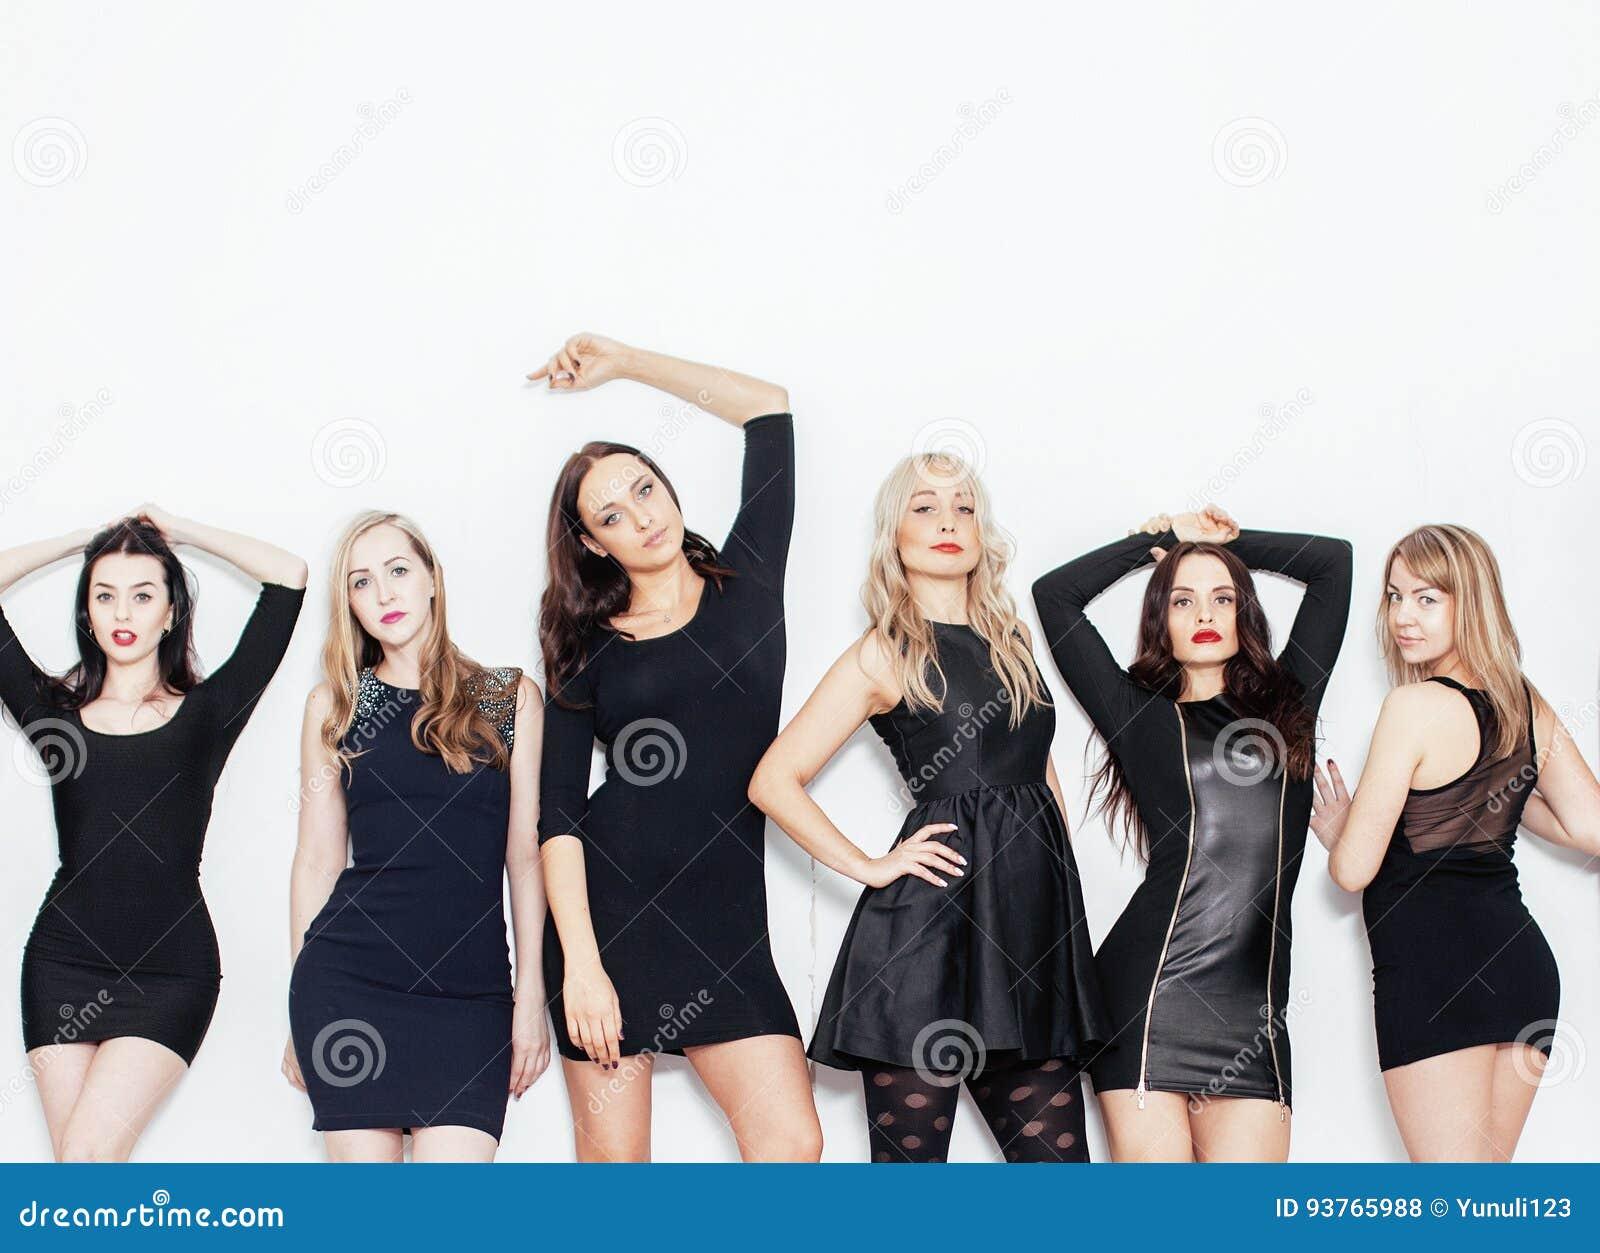 Много девушек вместе фото порно русское